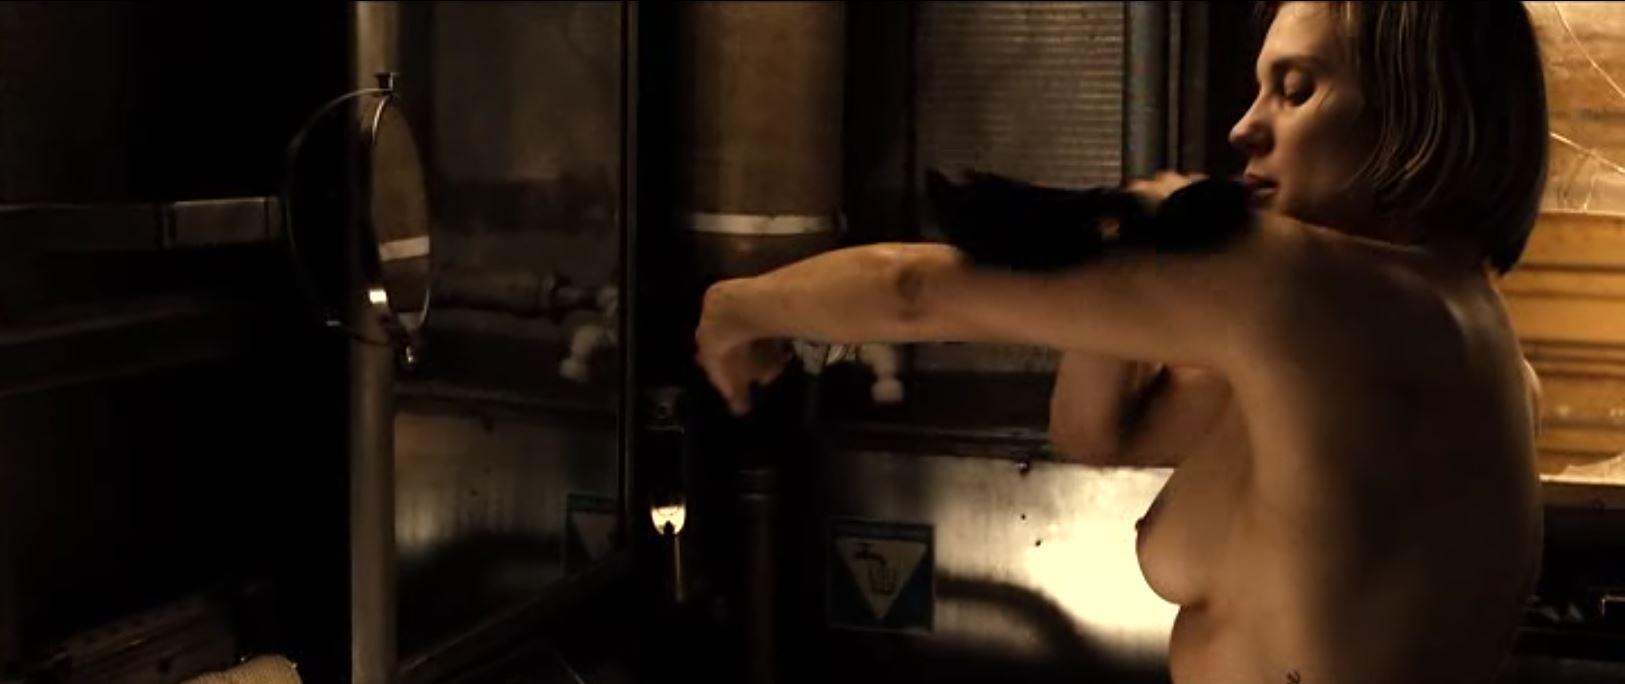 Katee Sackhoff topless sideboob in Riddick